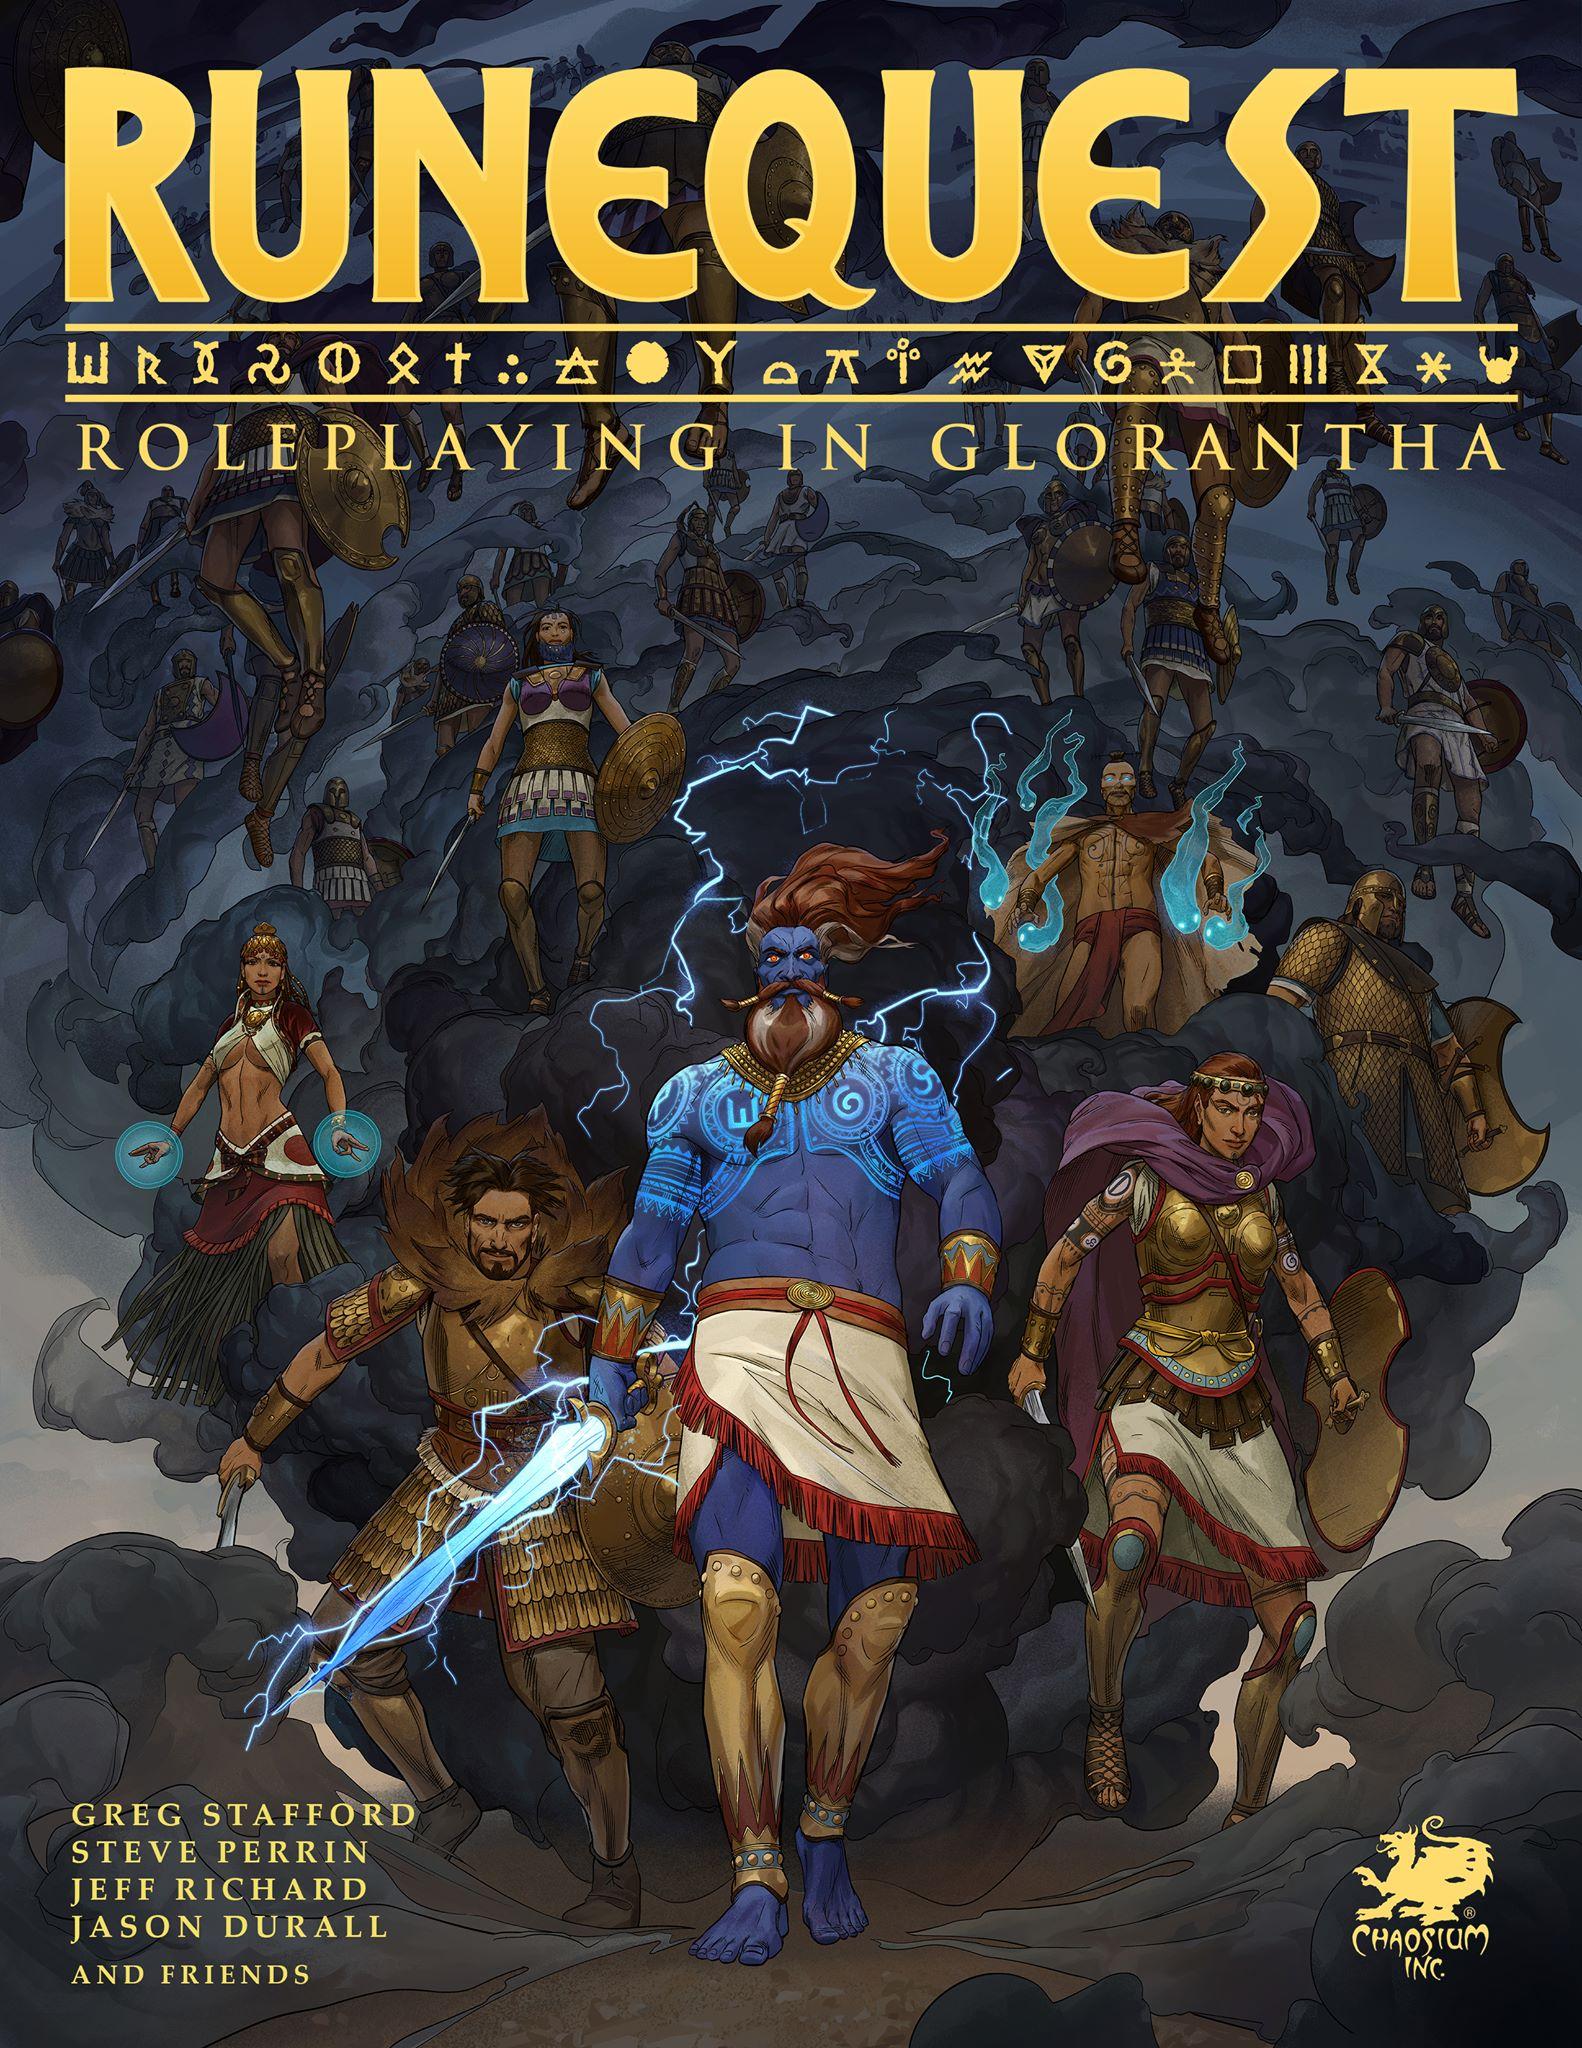 Eloso får rättigheterna till Runequest